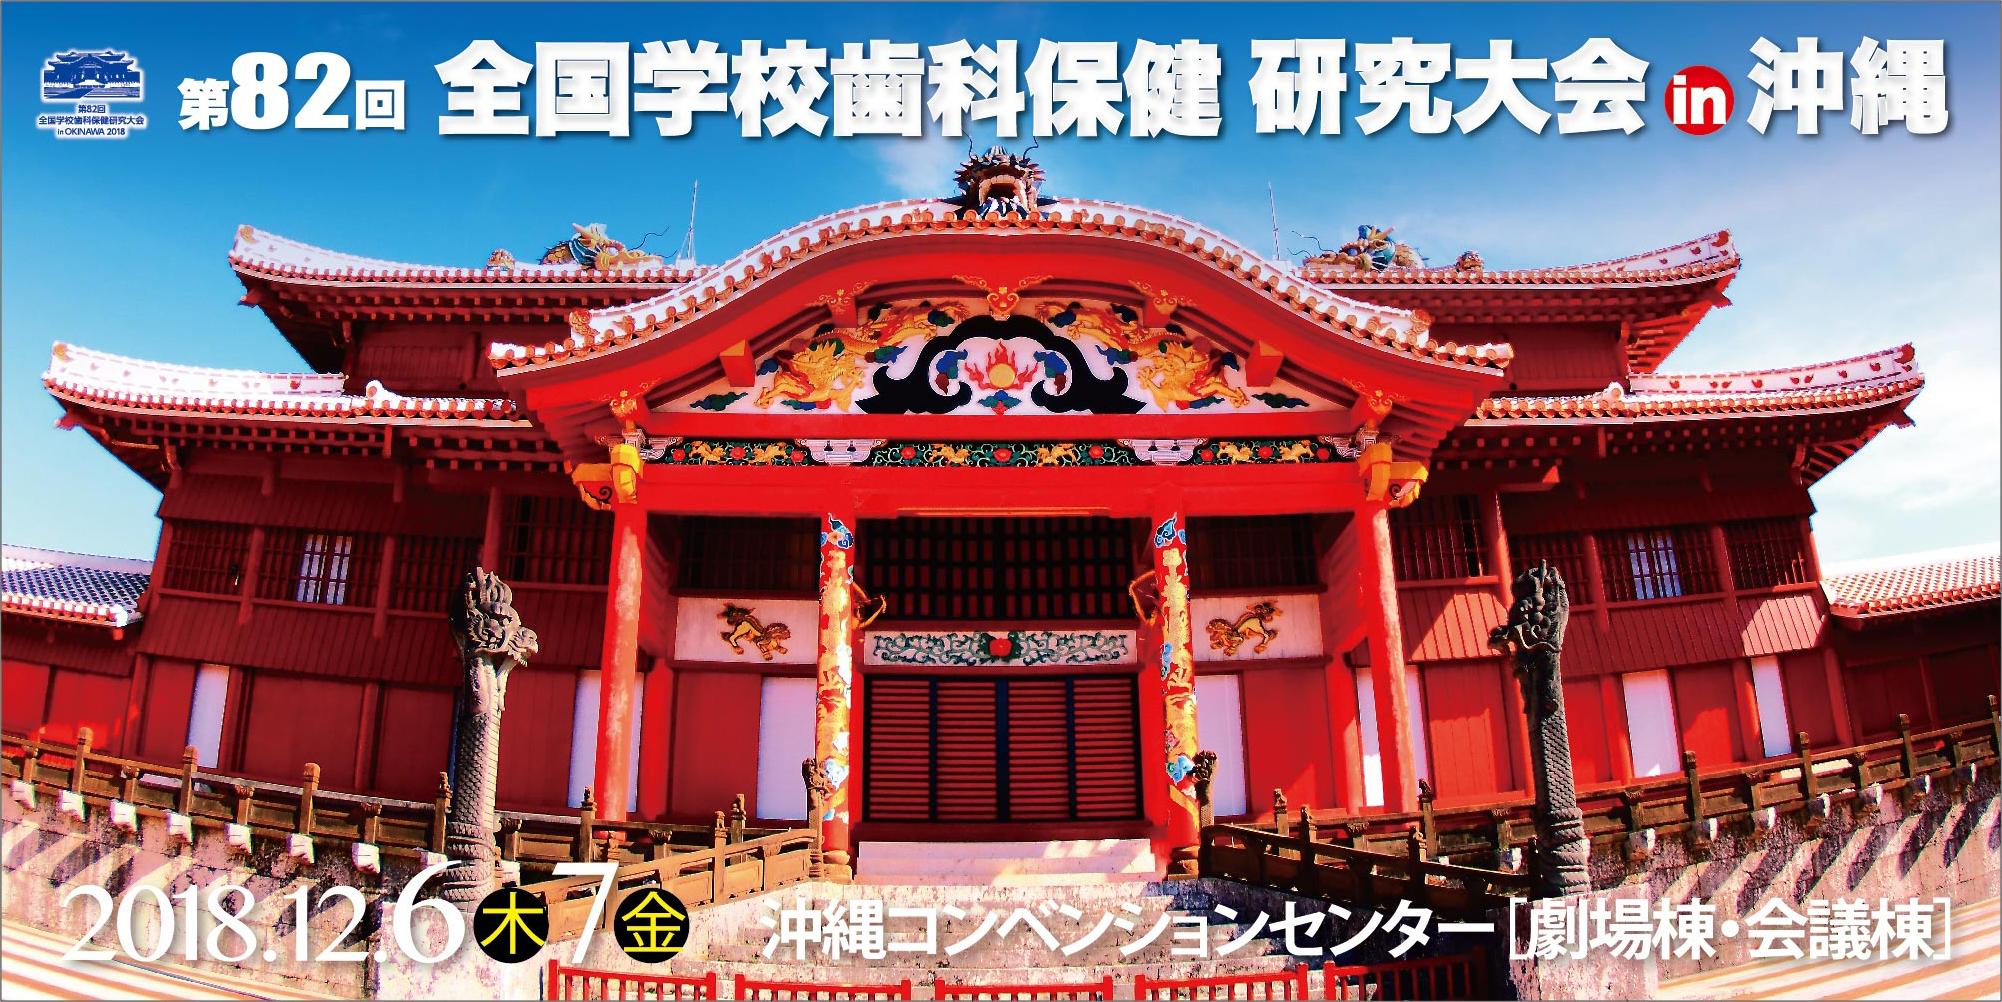 全国学校歯科保健研究大会in沖縄